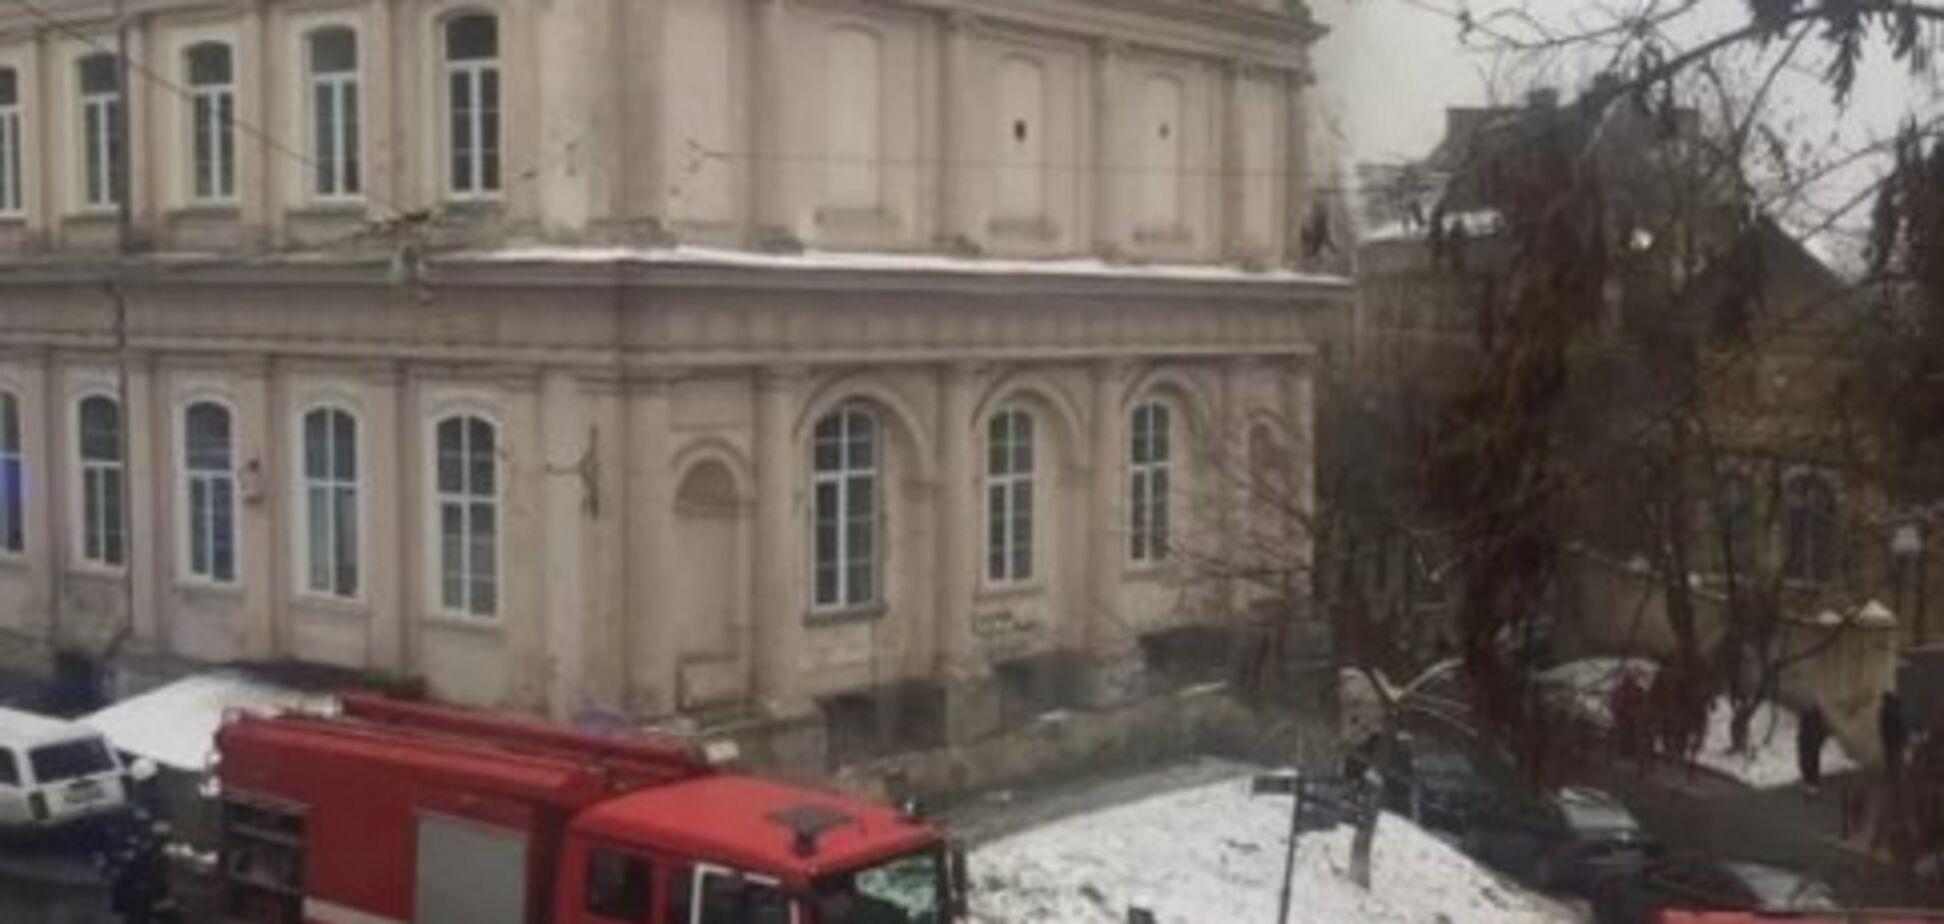 Во Львове загорелась областная больница: подробности инцидента